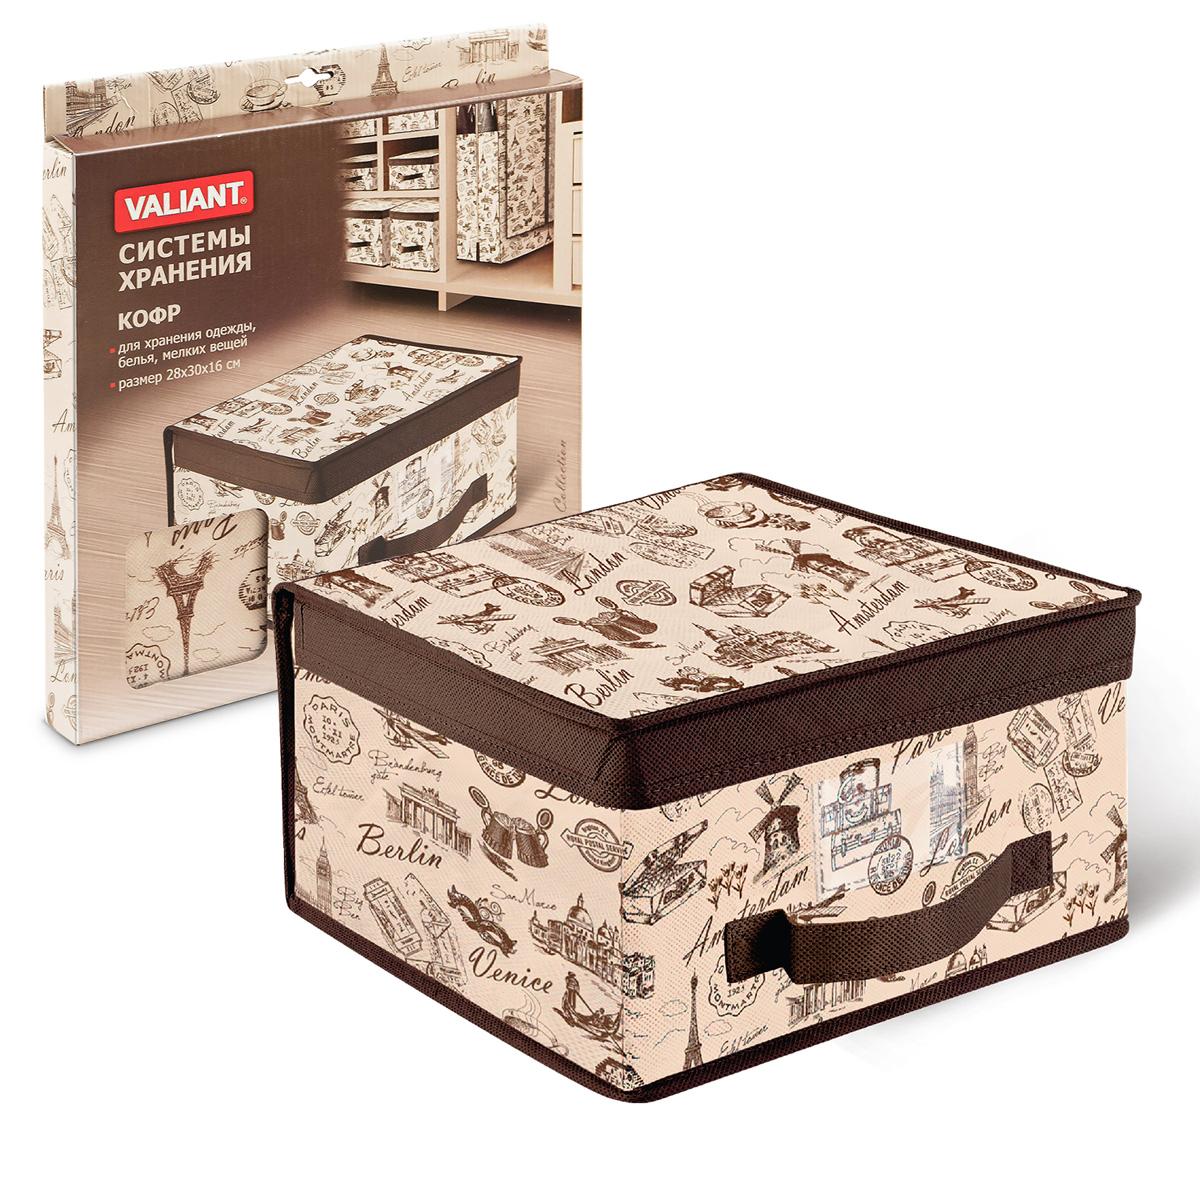 Кофр для хранения Valiant Travelling, с застежкой-молнией, 28 см х 30 см х 16 см valiant кофр для хранения жёсткий малый travelling